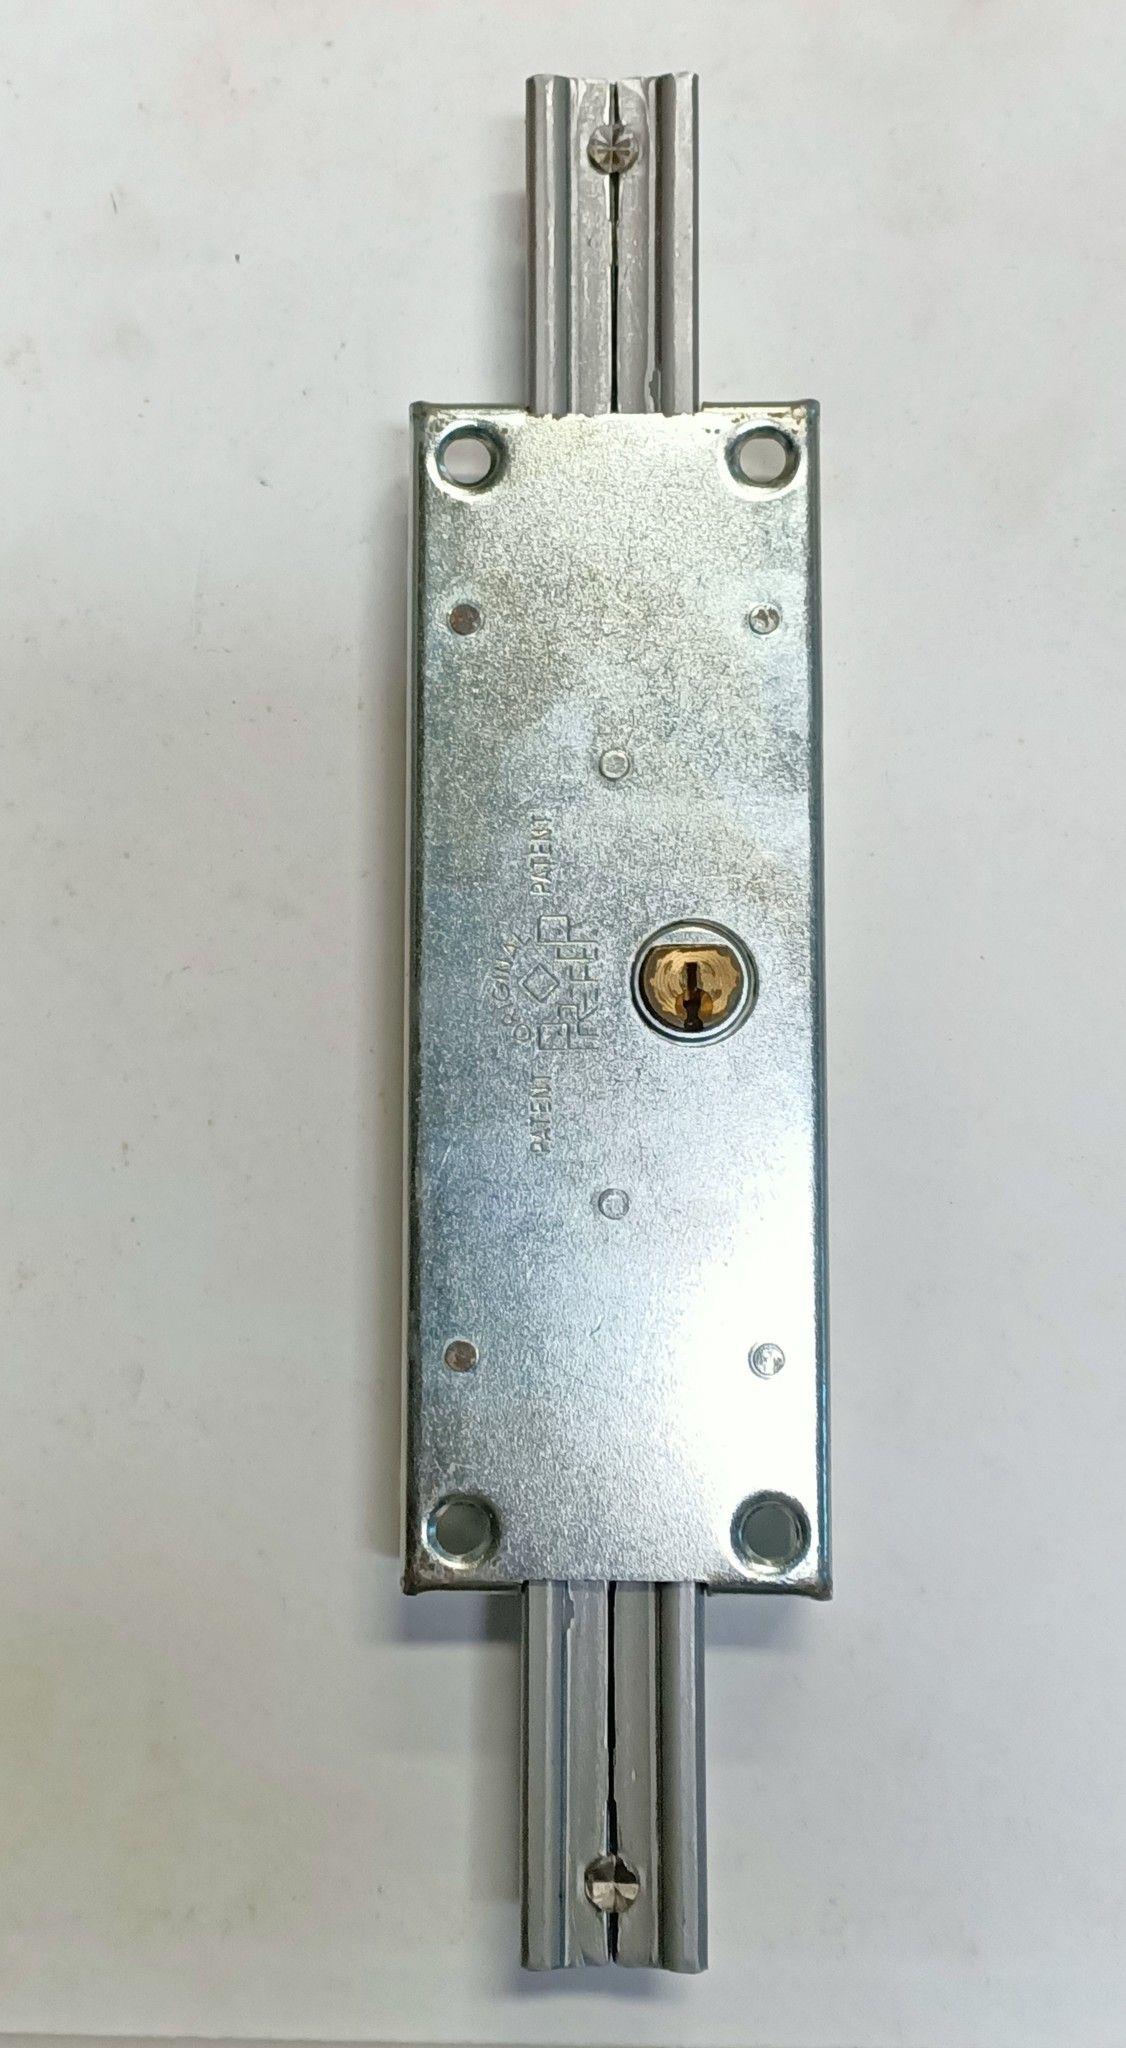 Serratura PREFER A312 Sn per serrande scorrevoli con cilindro tondo in ottone